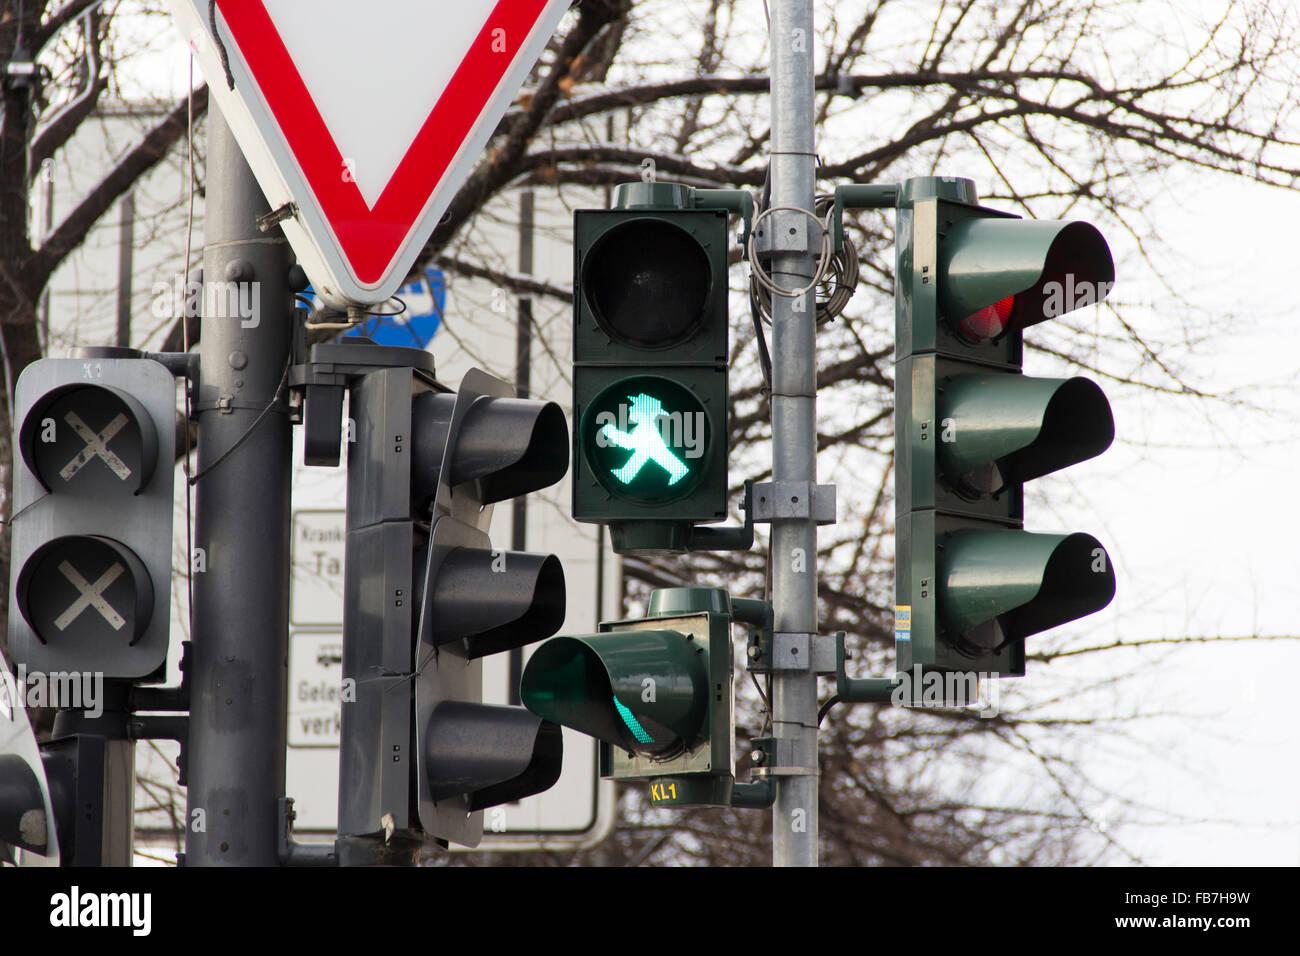 Semaforo, città, luce verde, street, caotico, caos, triangolo Immagini Stock